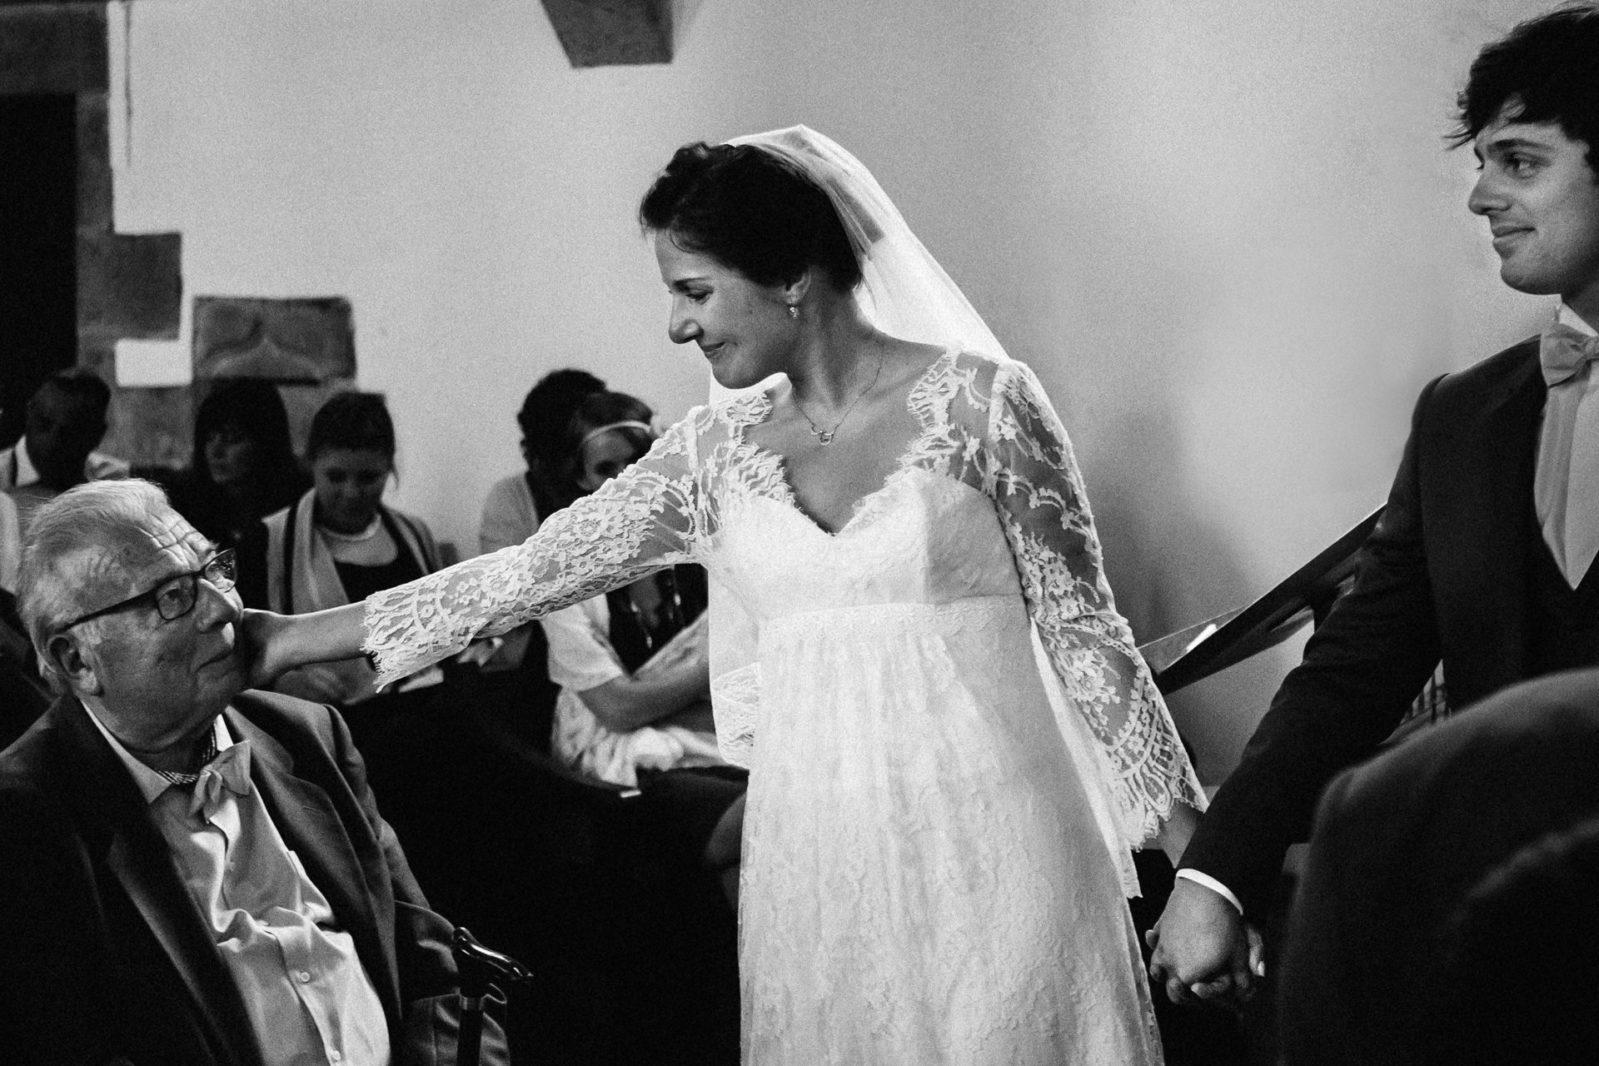 la mariée caresse la joue de son grand père Ernestine et sa famille photographe de mariage à l'approche reportage